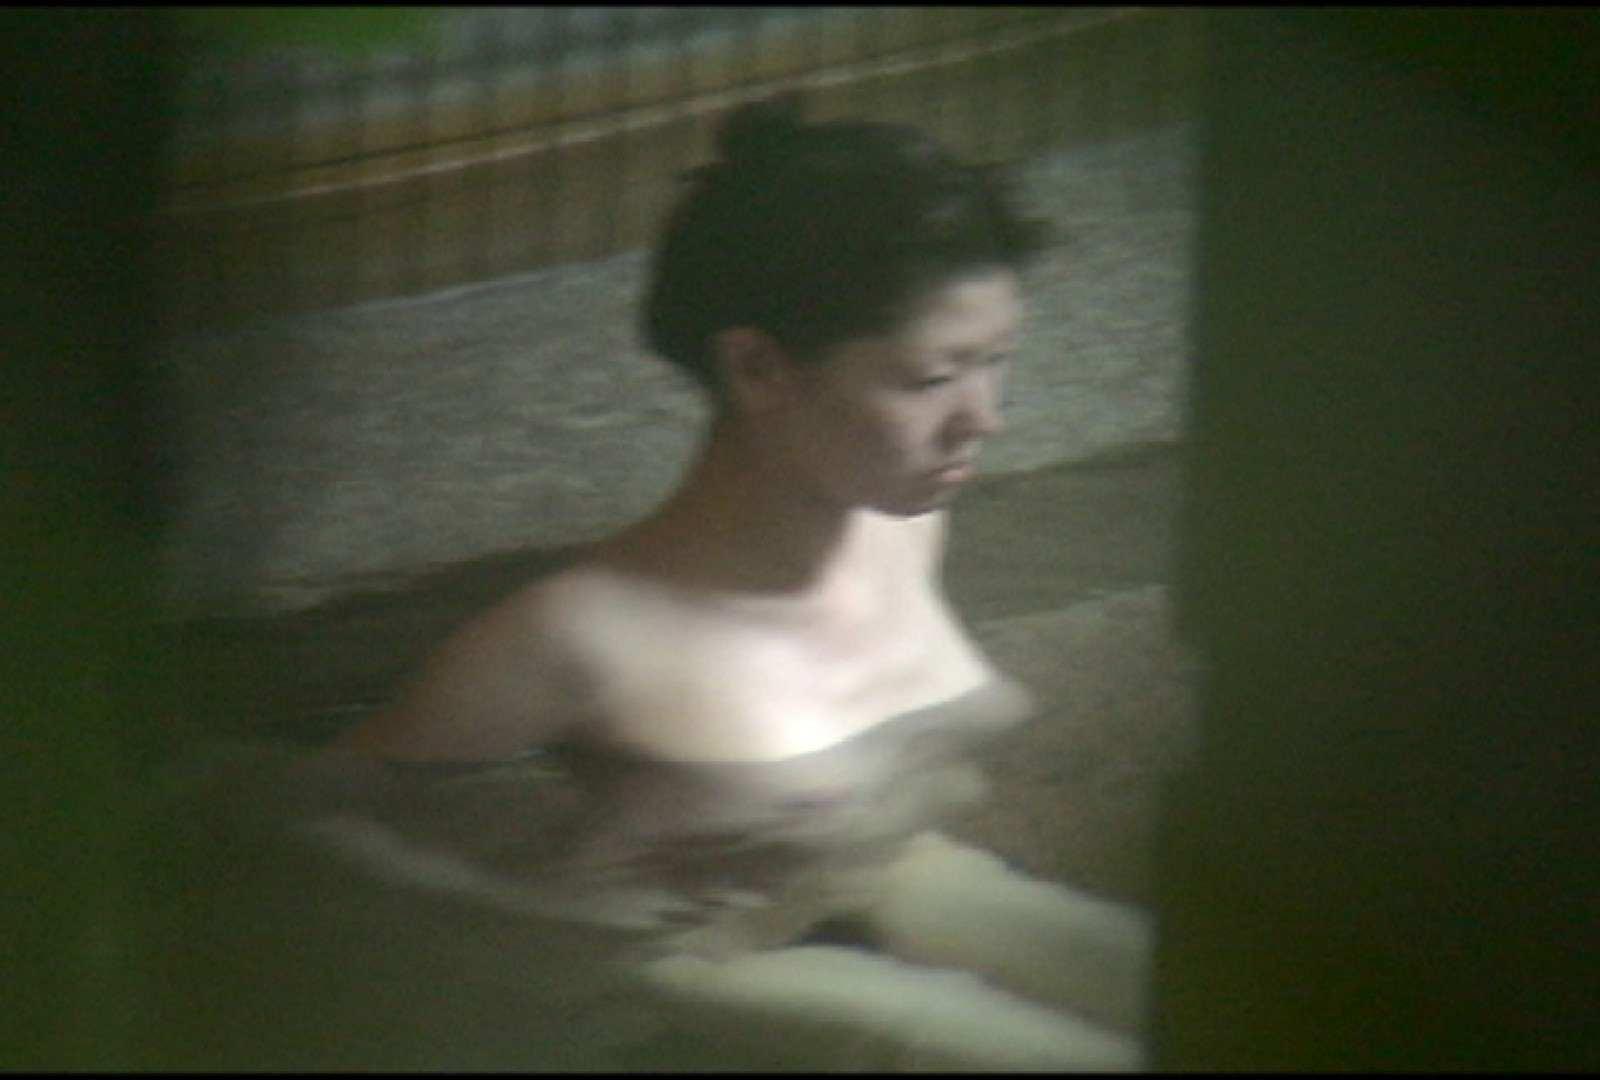 Aquaな露天風呂Vol.699 美しいOLの裸体  101pic 30